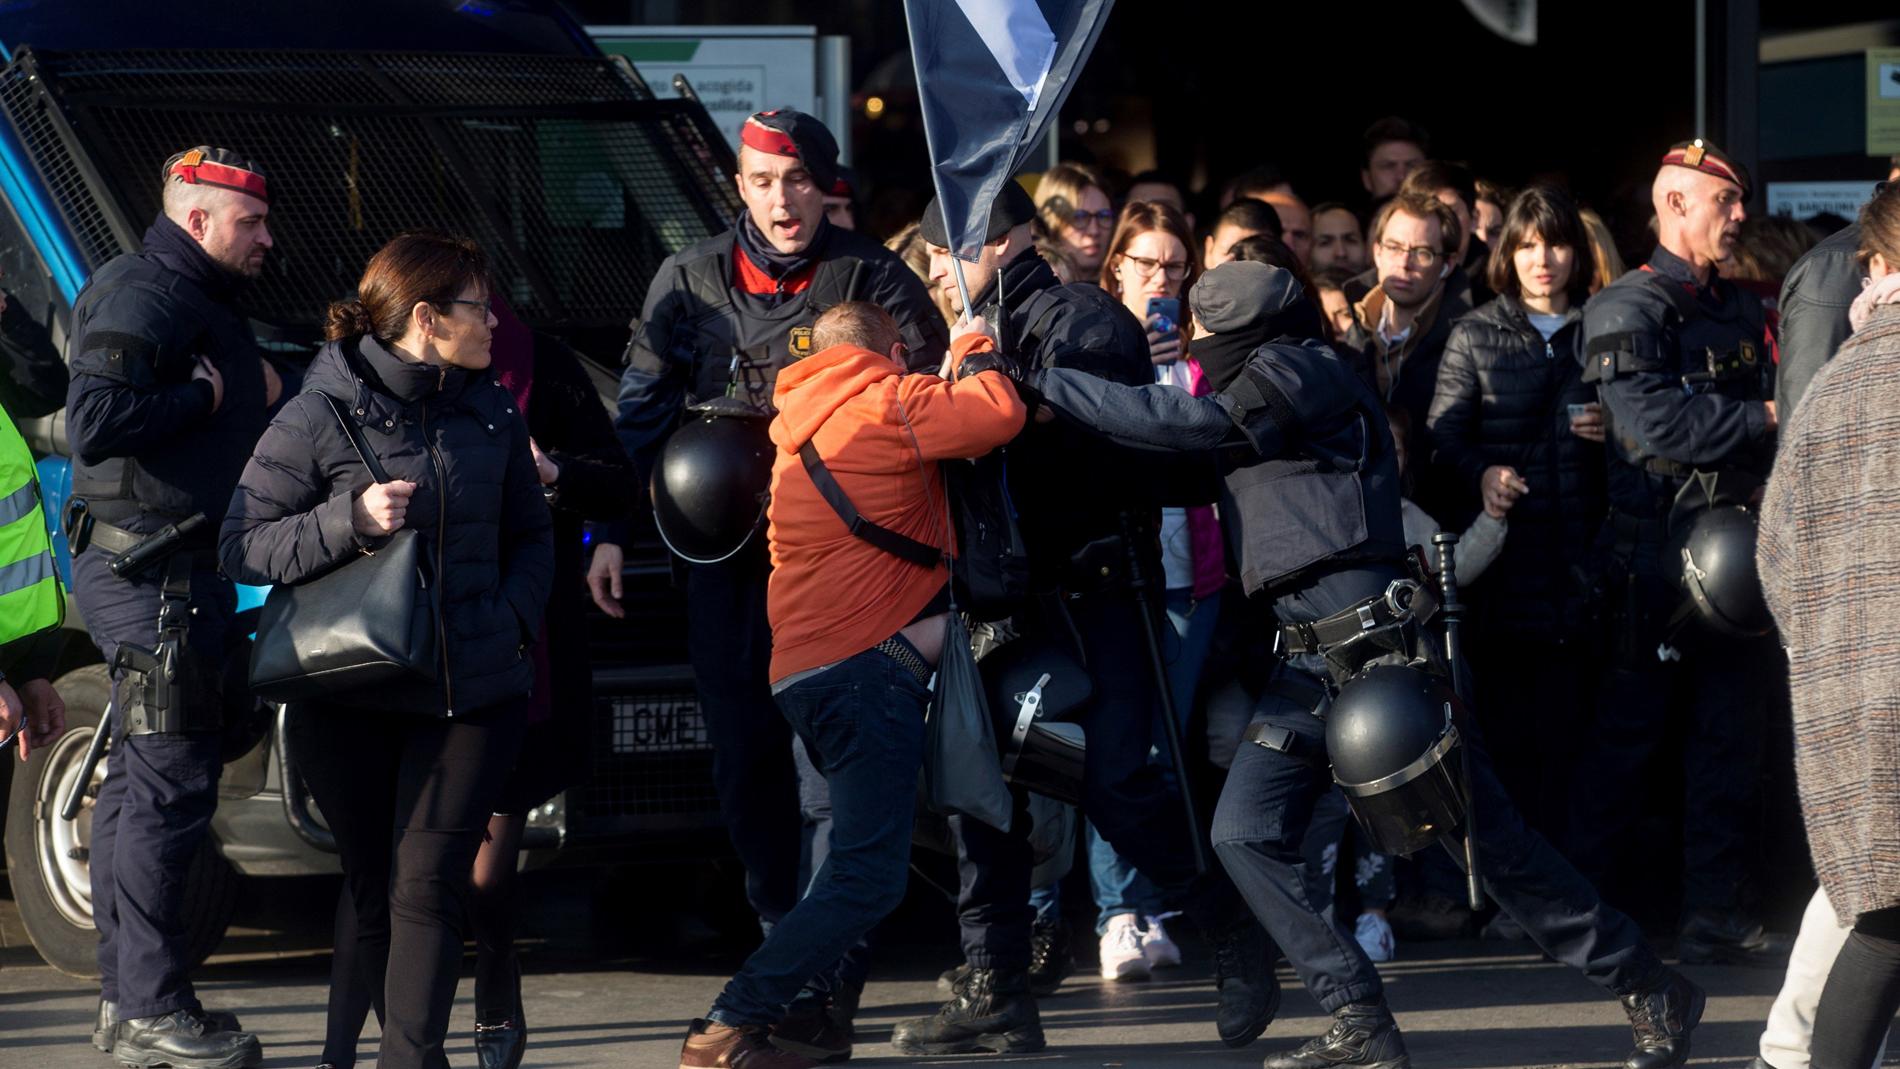 La huelga en Cataluña deja dos detenidos